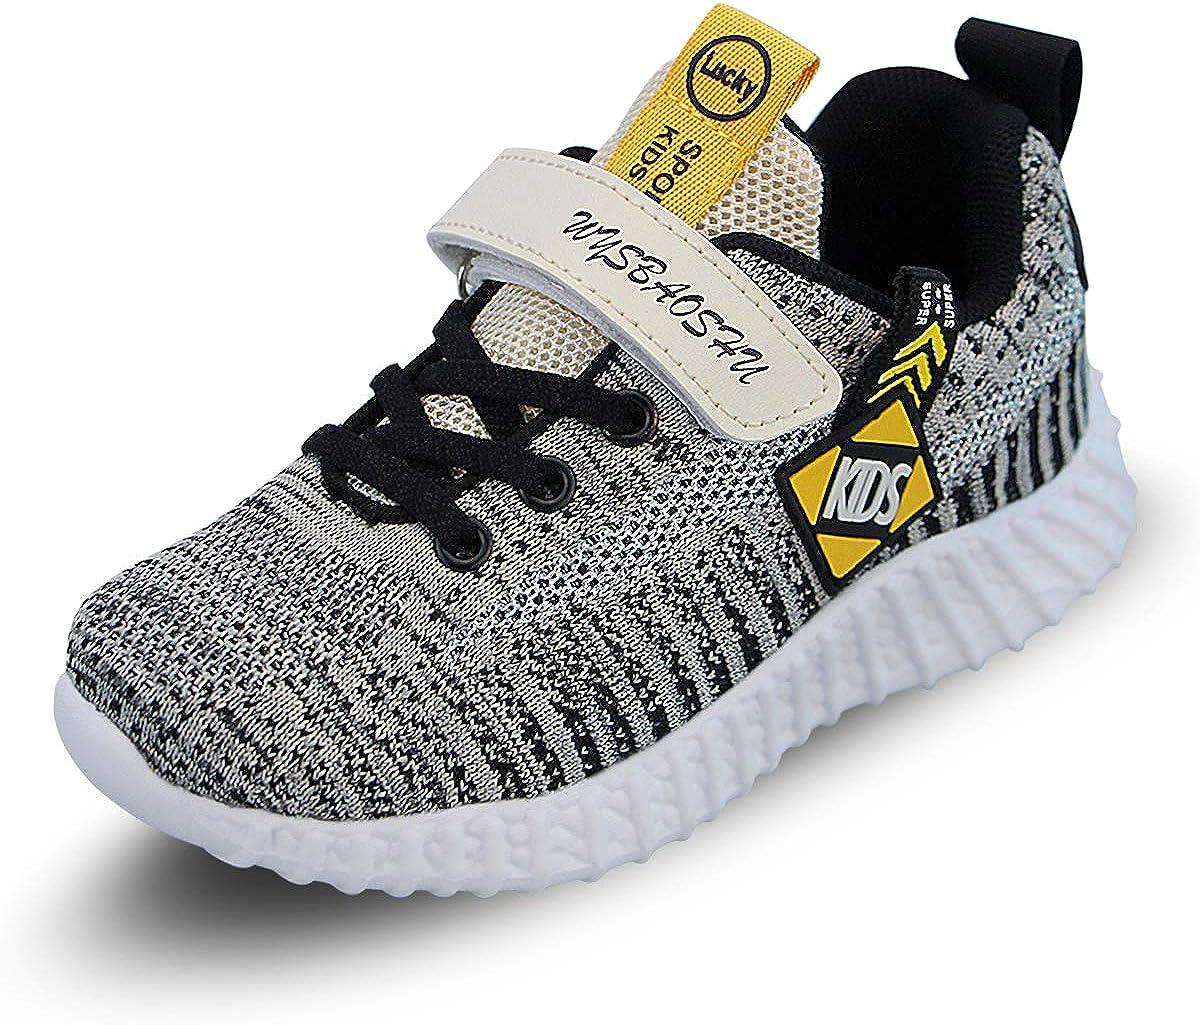 Baskets Mode Enfant Garcon Chaussure de Course Fille Chaussures de Sport Légère Running Sneakers Respirant Competition Entrainement